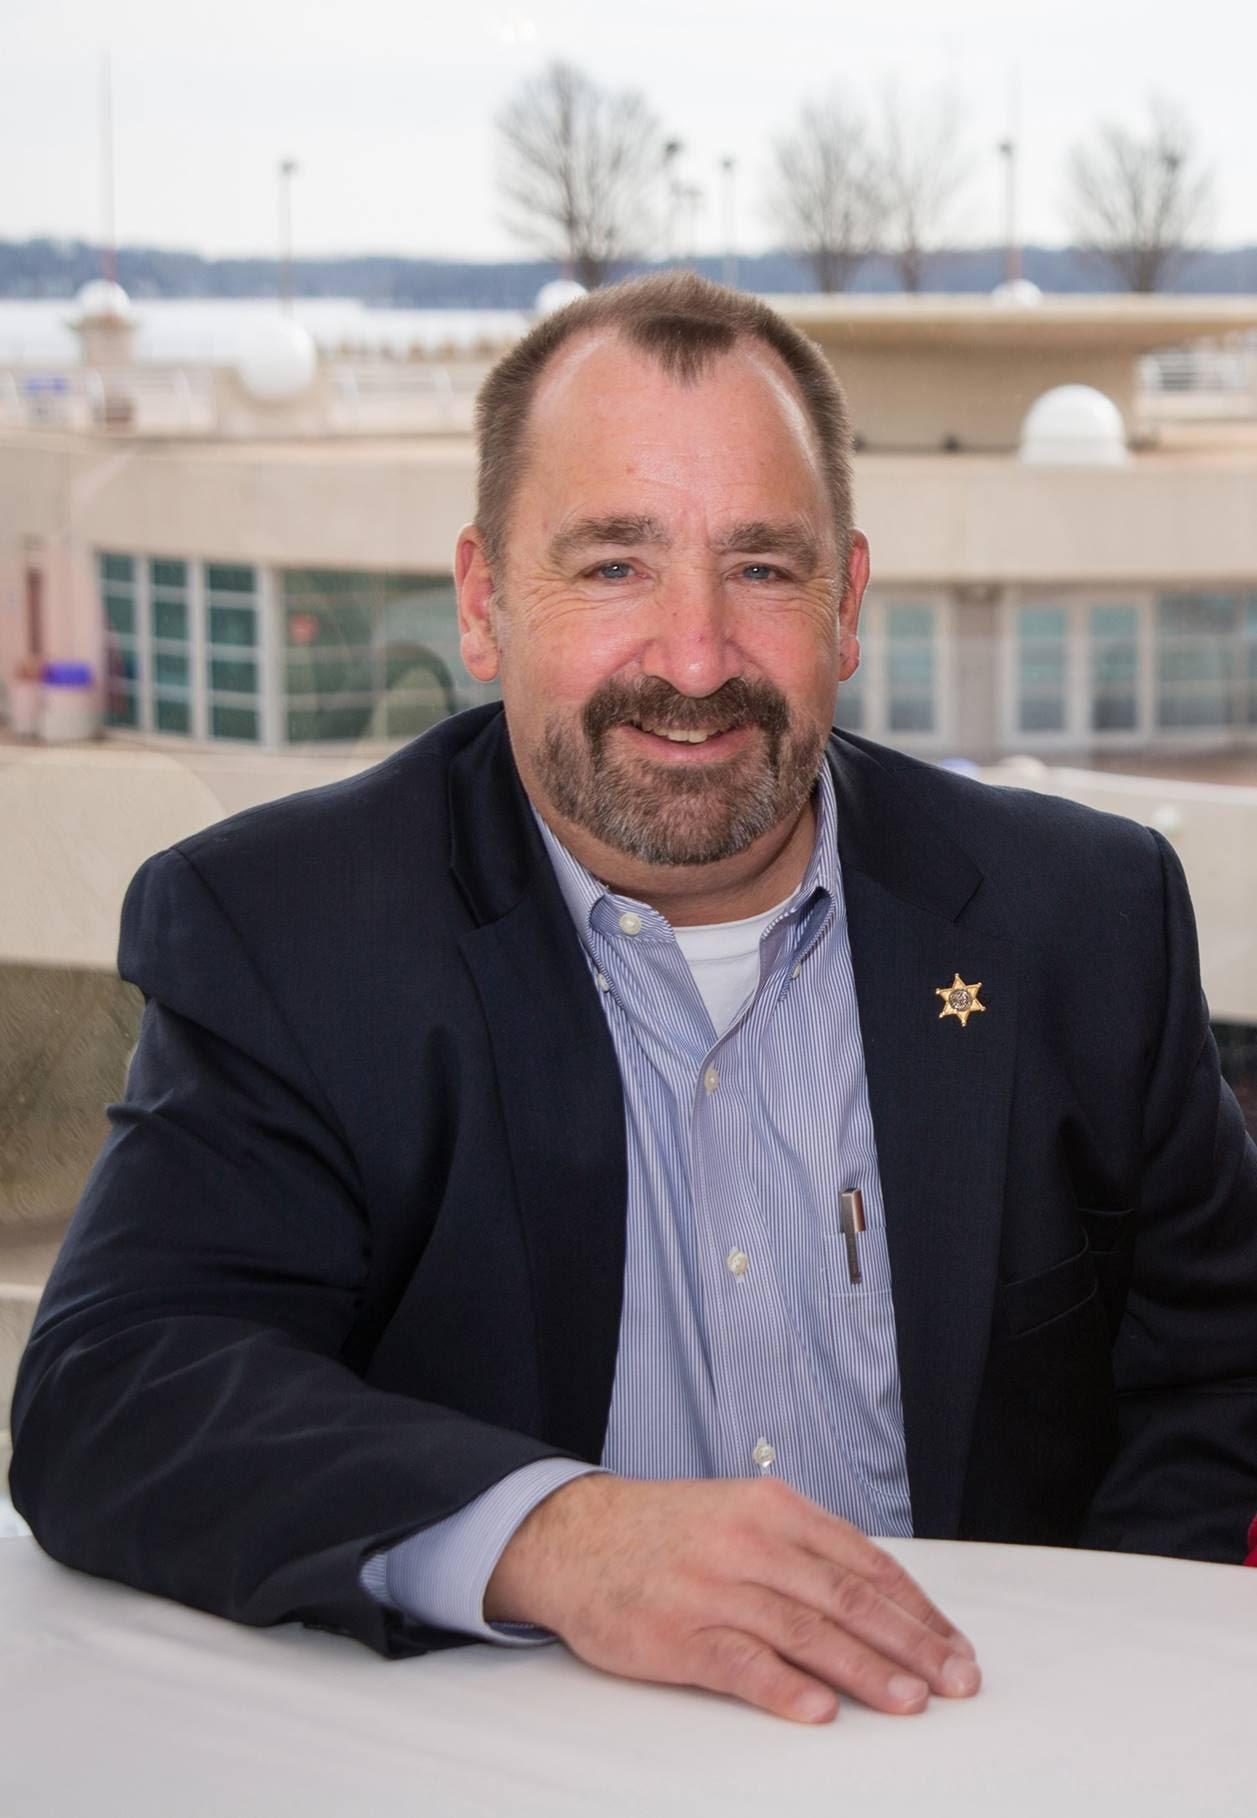 Sheriff Dave Mahoney